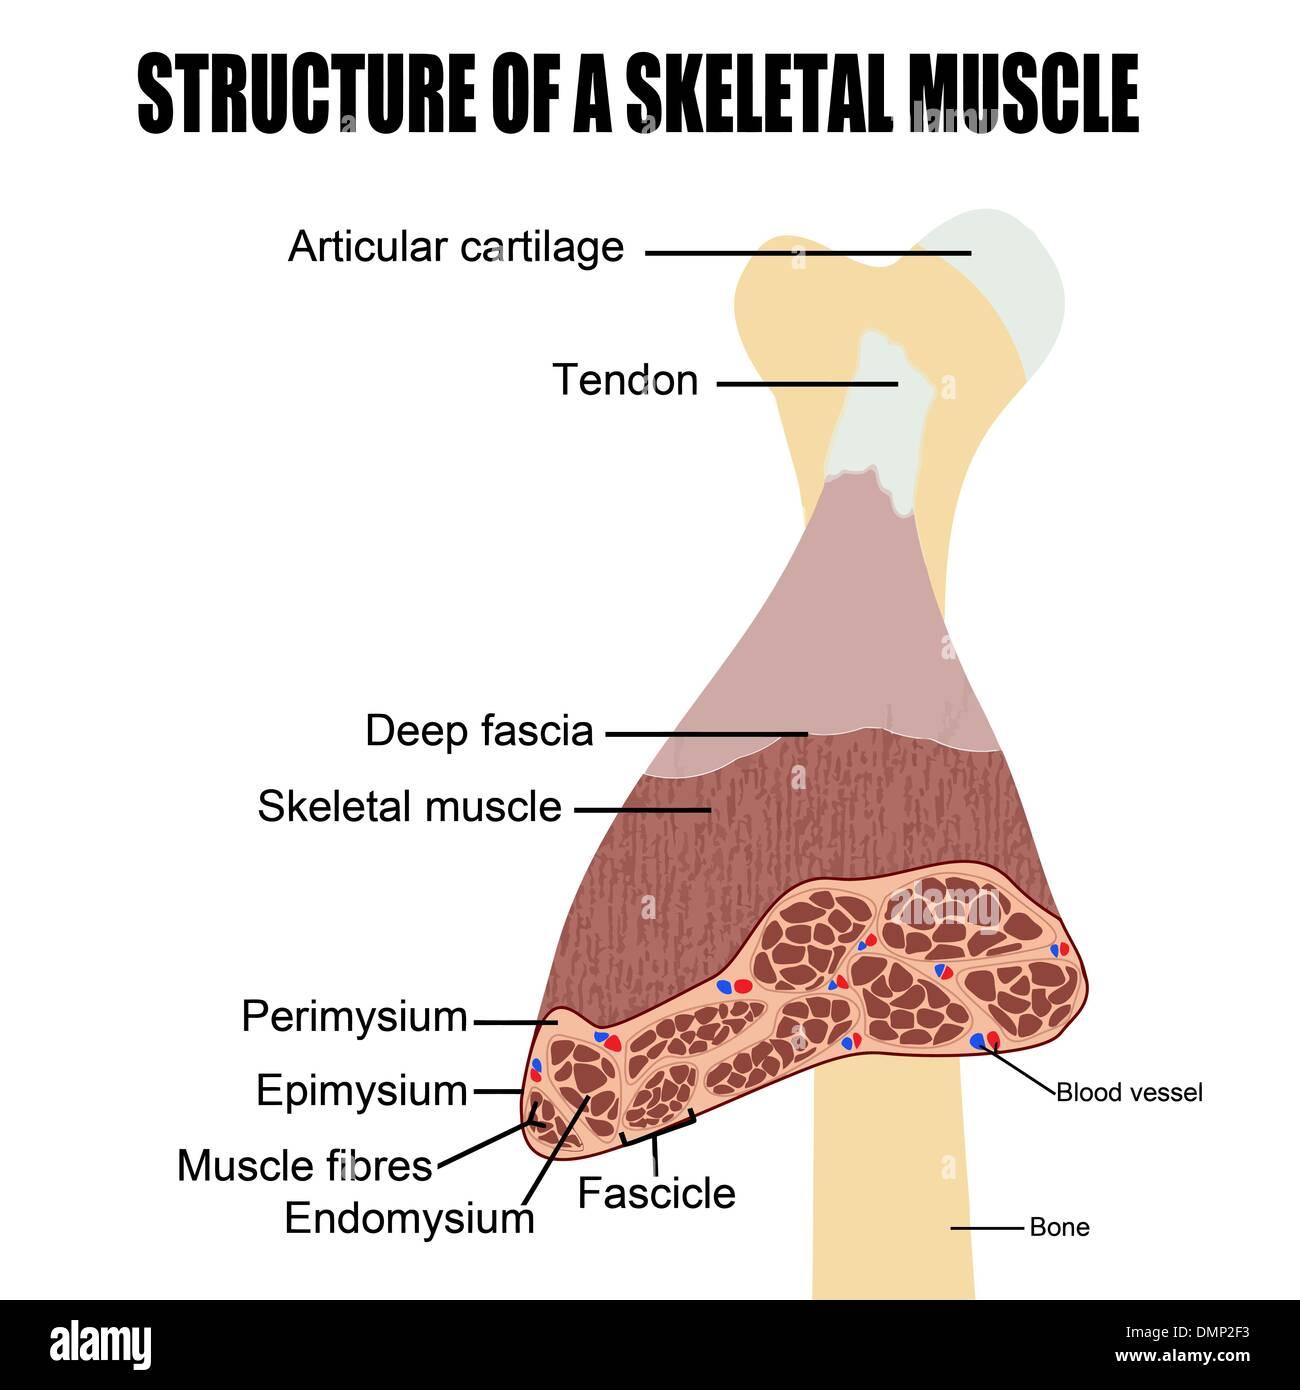 Estructura de un músculo esquelético Imagen De Stock